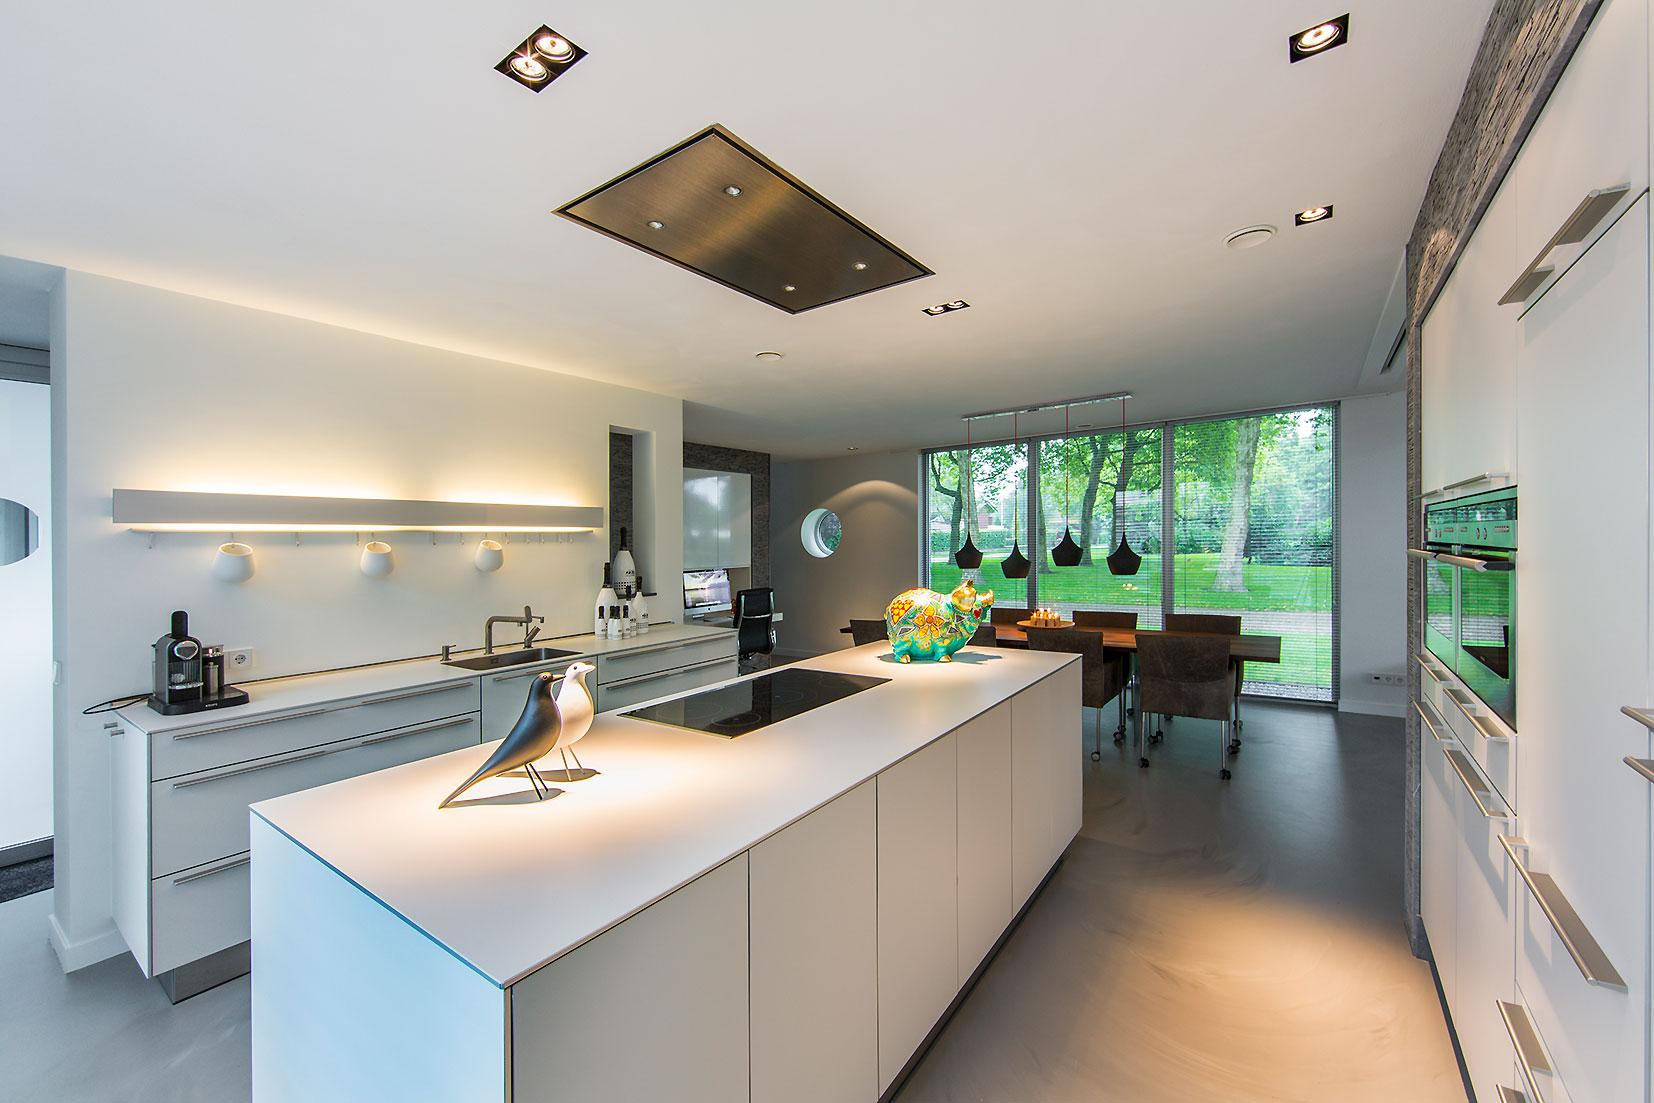 Keuken ontwerp versteegh design architecture interior landscape design